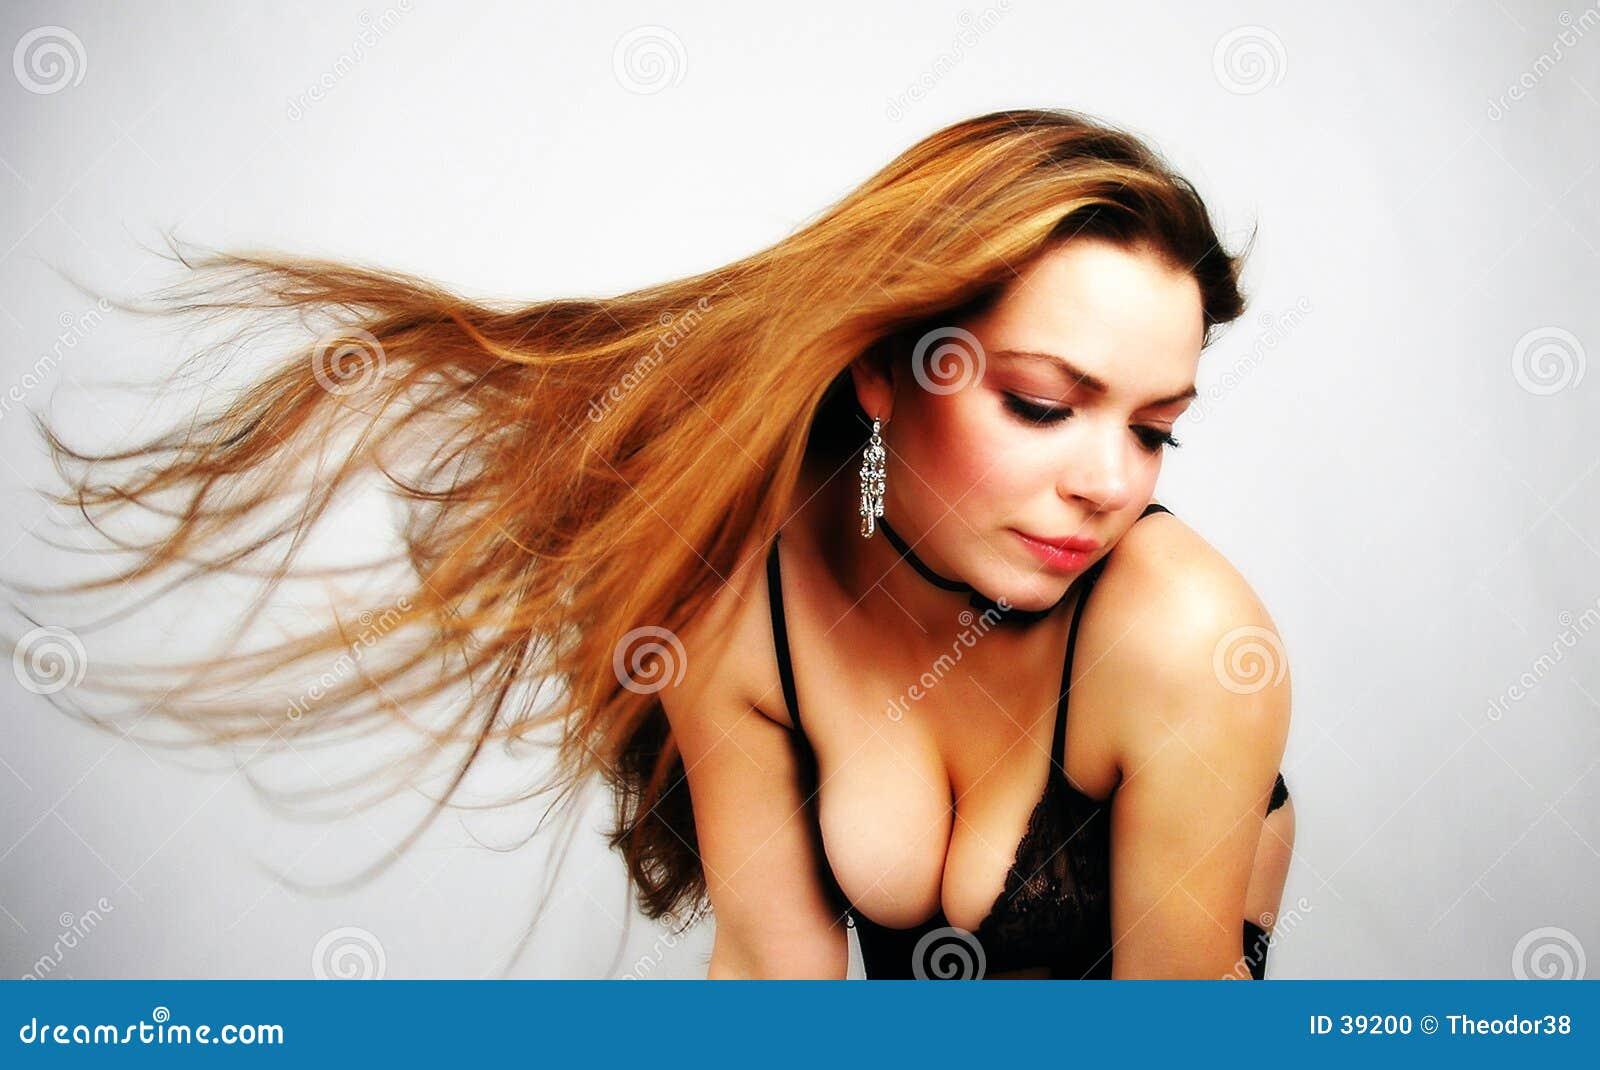 Download Hairdance-4 foto de archivo. Imagen de viento, atractivo - 39200